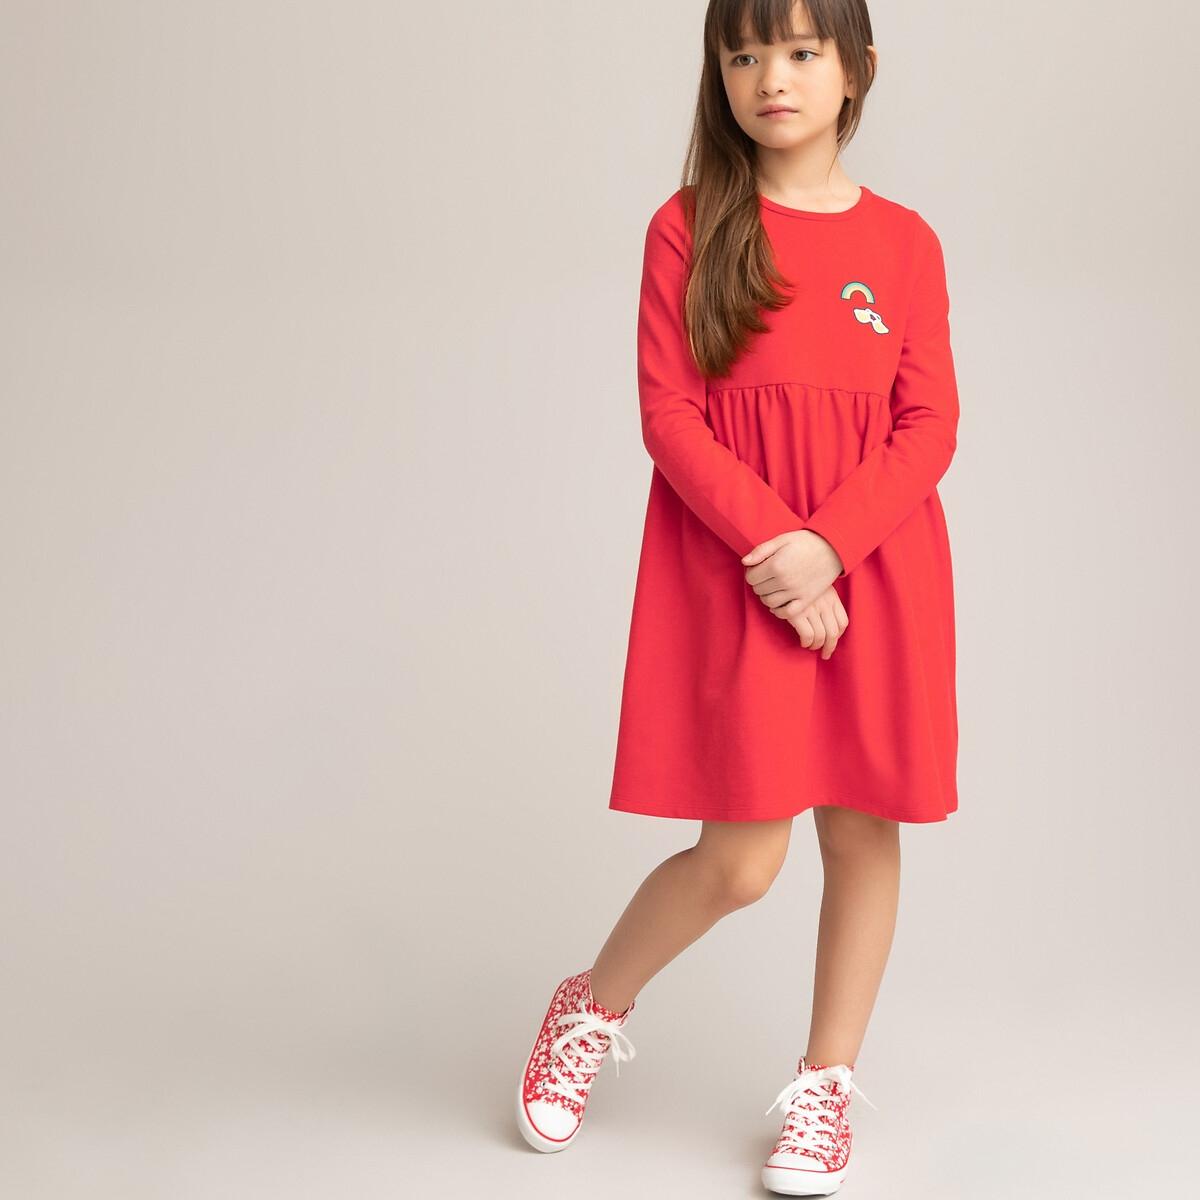 Платье LaRedoute С длинными рукавами 3-12 лет 4 года - 102 см красный блузка laredoute с длинными рукавами и отделкой макраме 3 12 лет 4 года 102 см бежевый